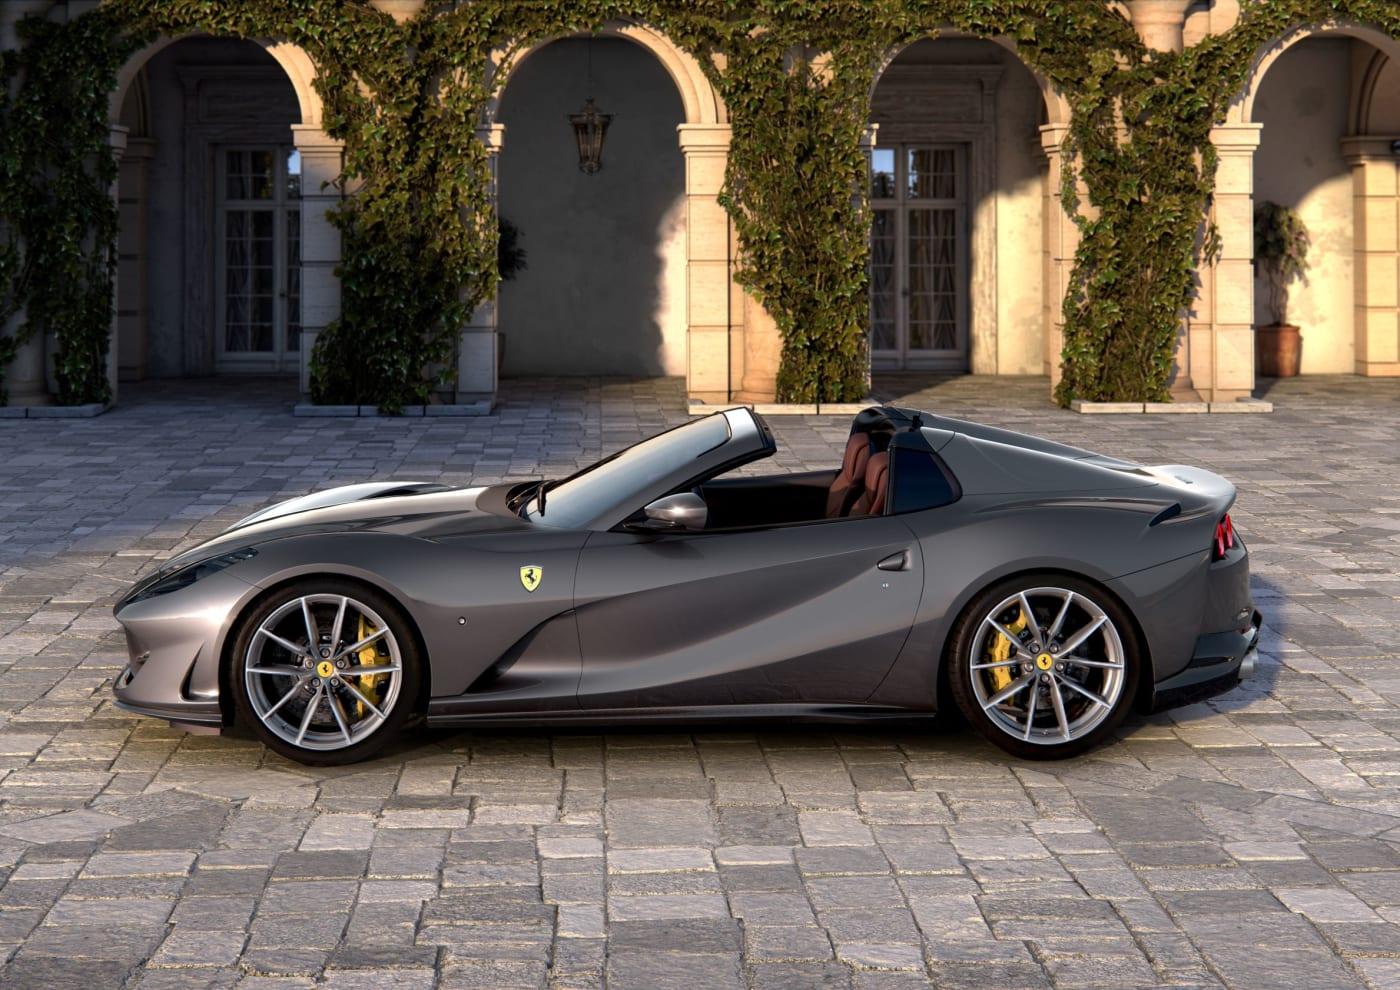 Foto: Ferrari/812 GTS